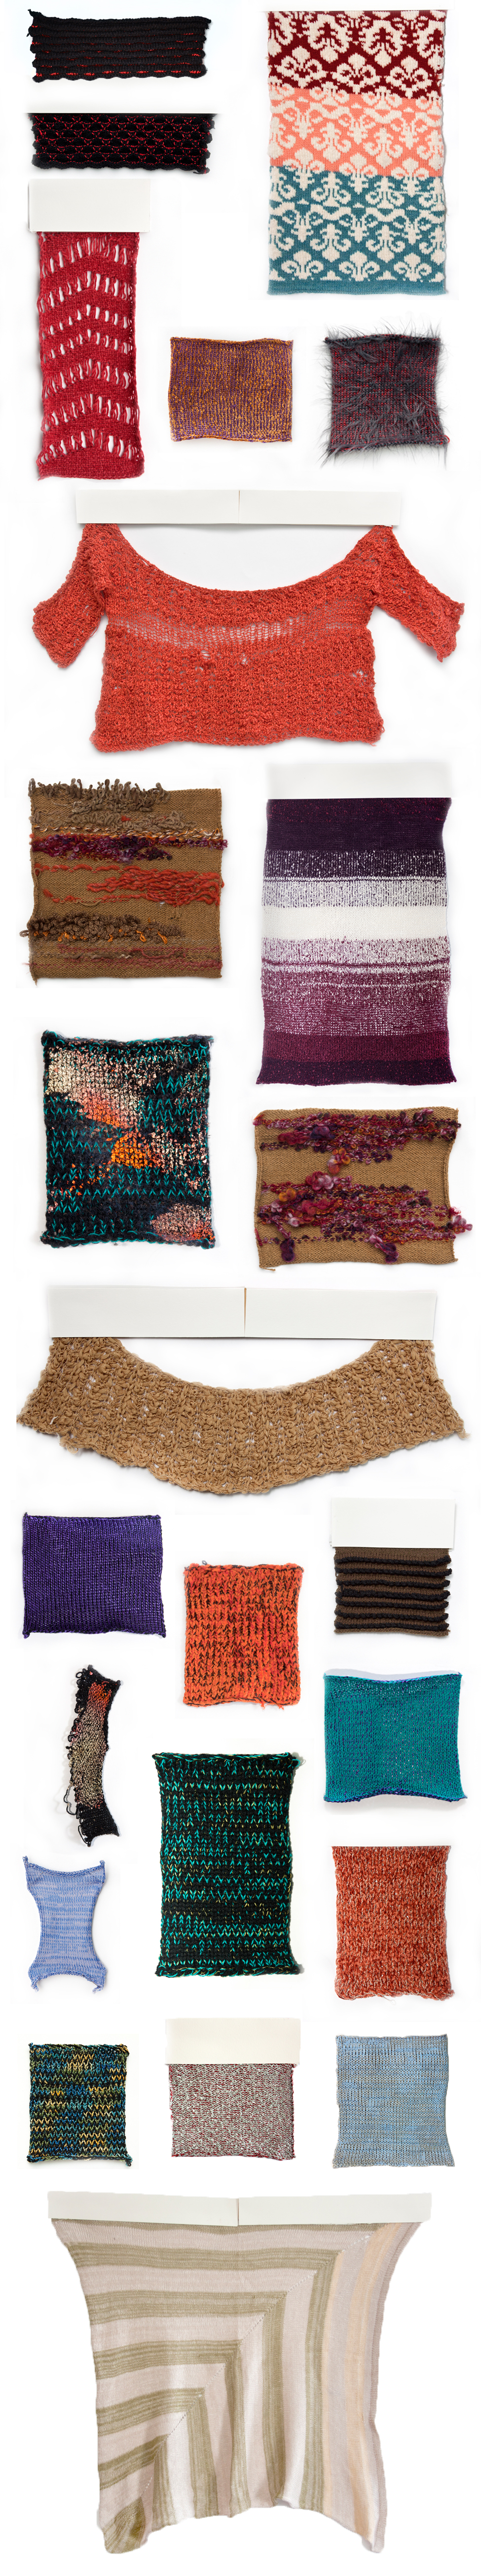 knitting_samples_001.jpg